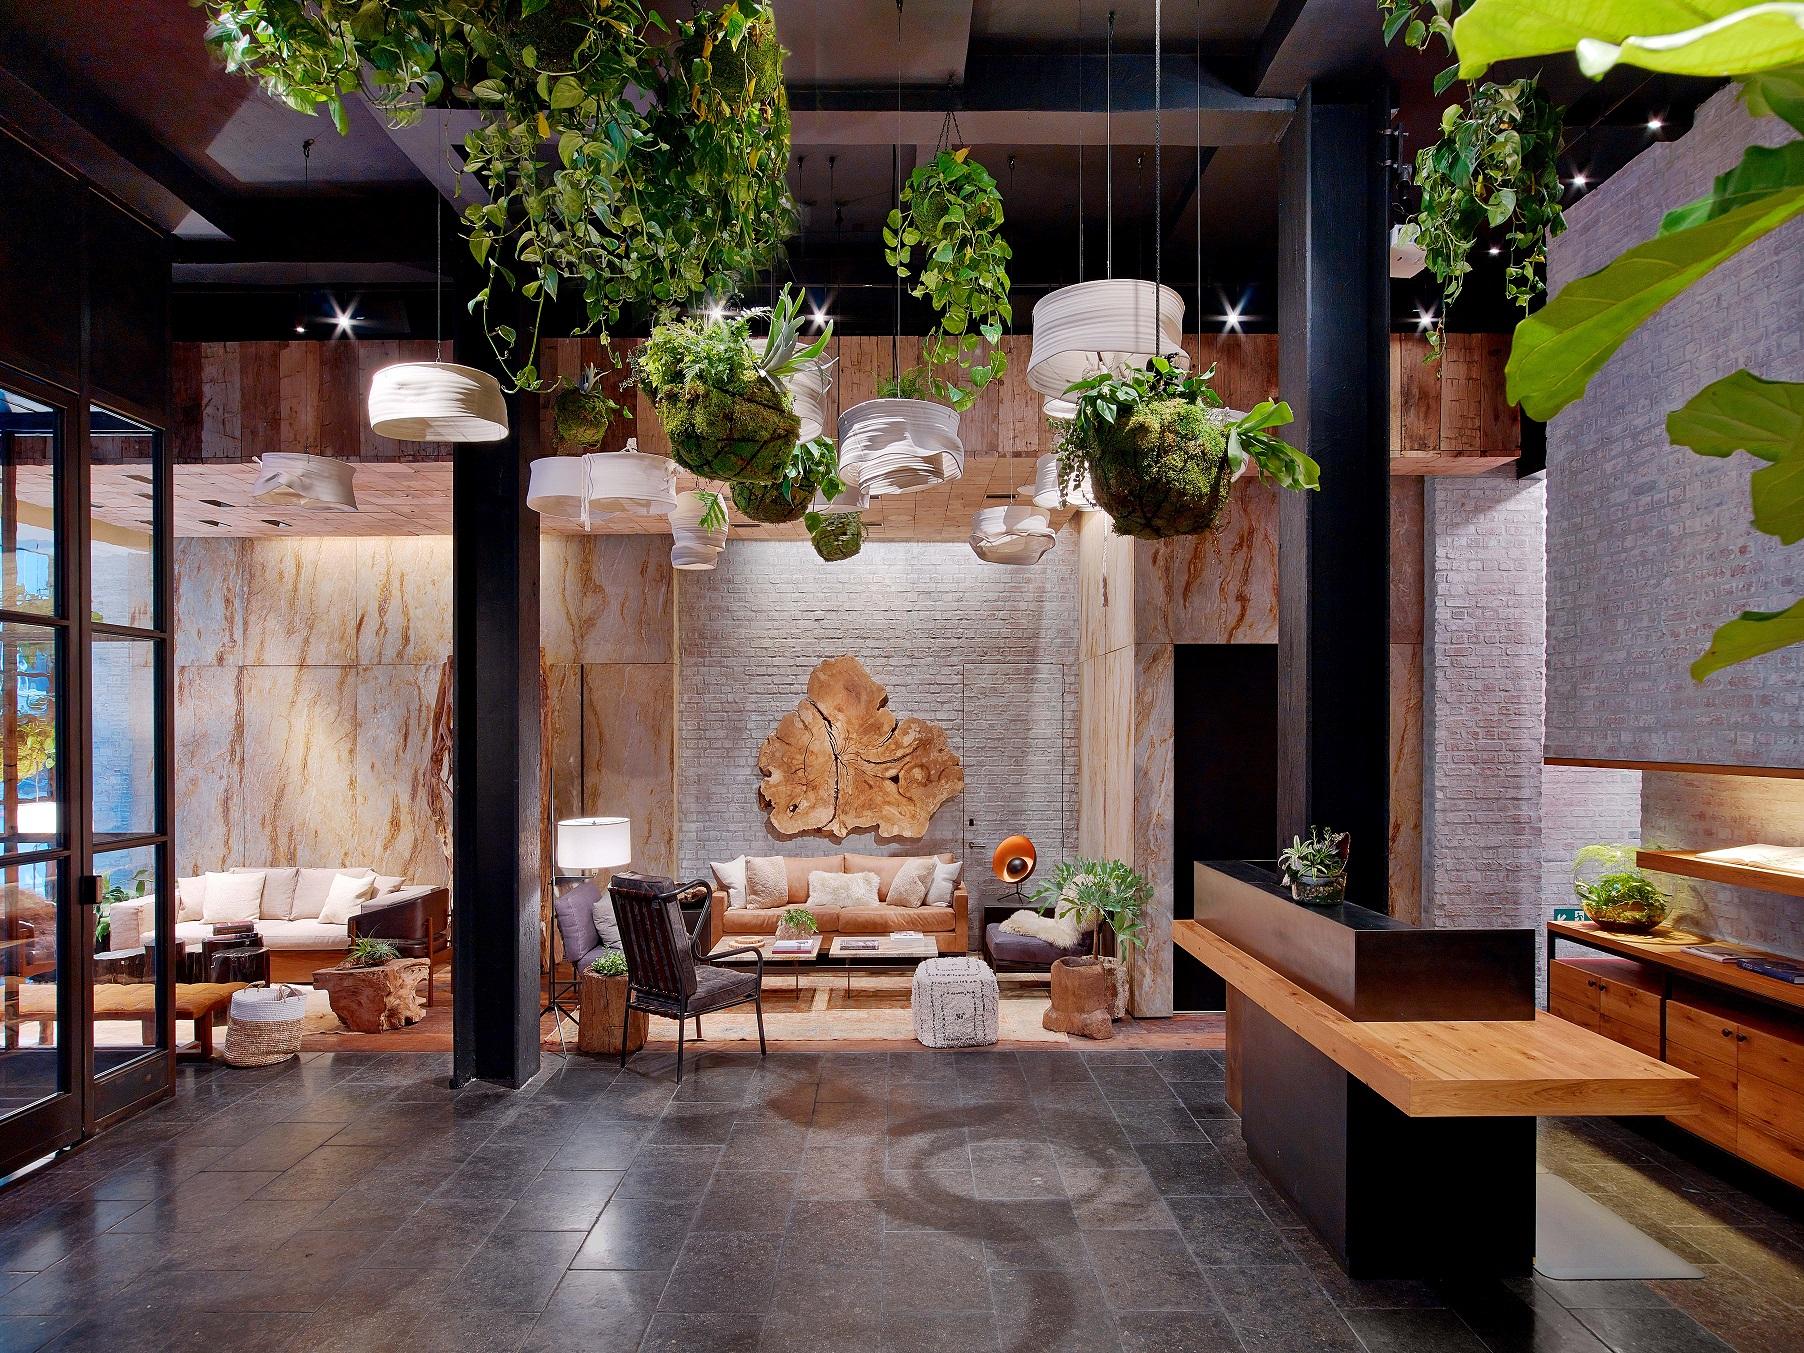 Hotel Lounge Plantas Decoração Madeira Natureza